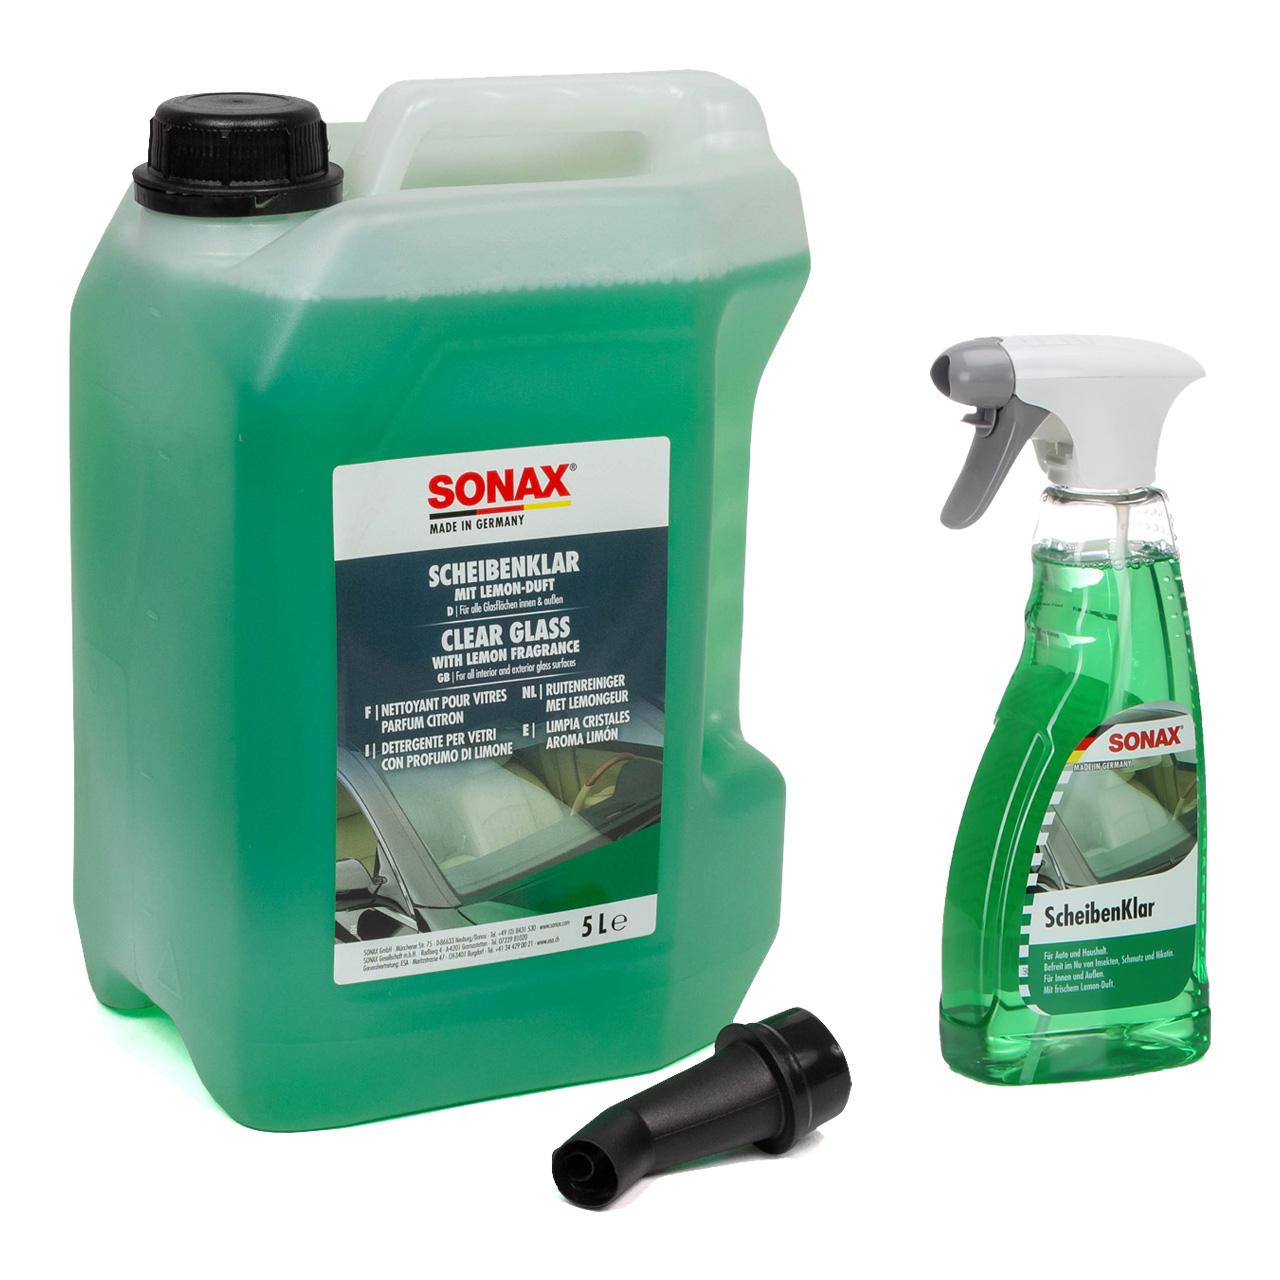 SONAX Scheibenreiniger Scheibenklar Glasreiniger Reiniger Set 5 Liter + 500ml